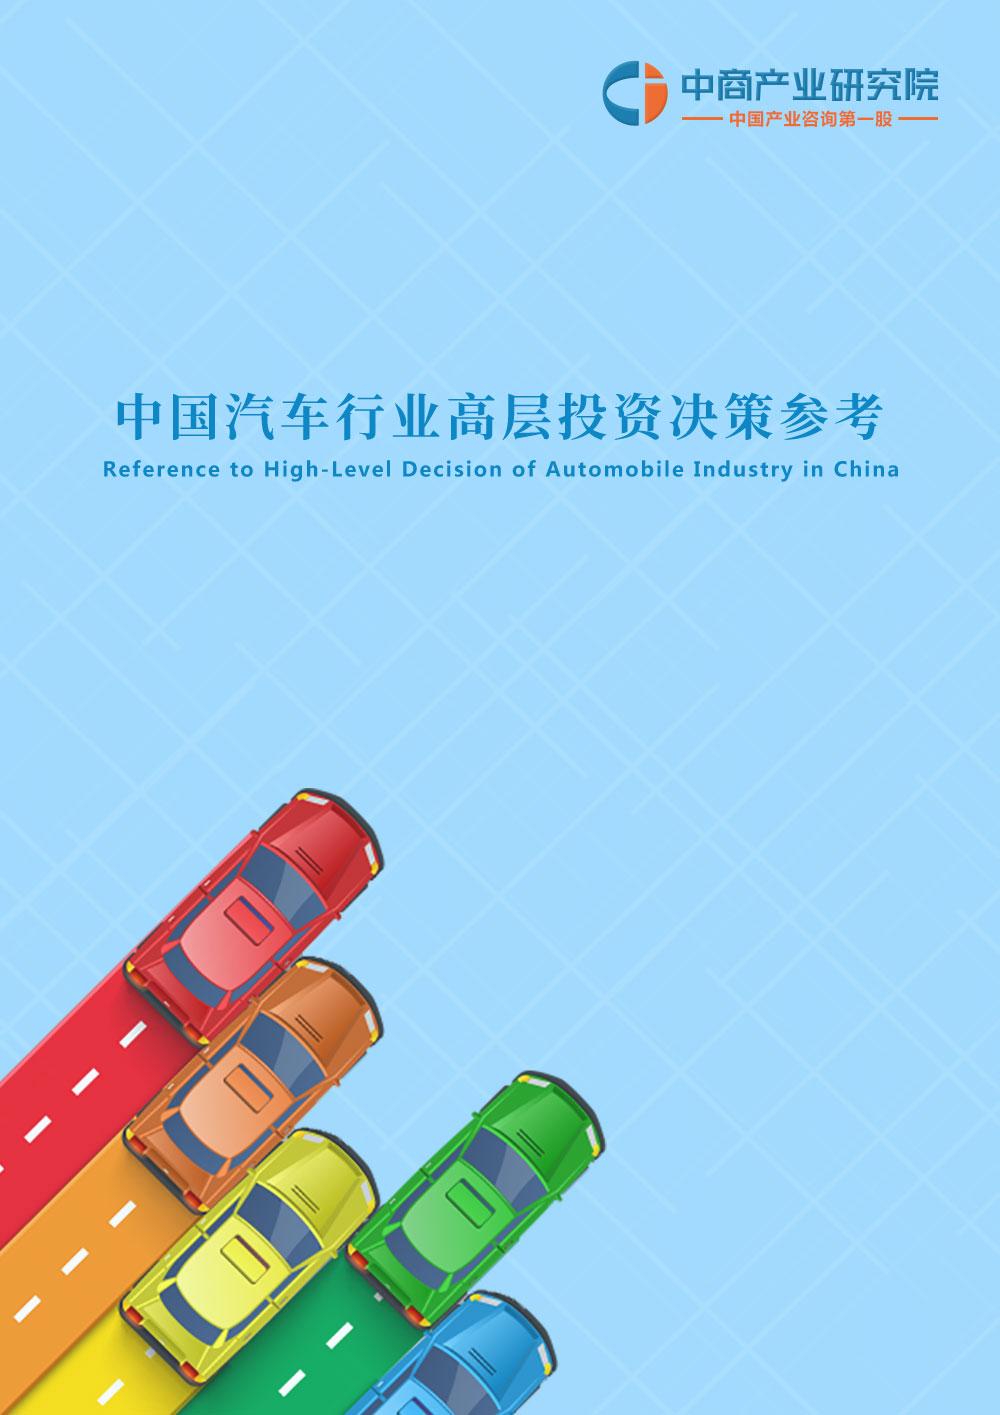 中国汽车行业高层投资决策参考(2019年10月)